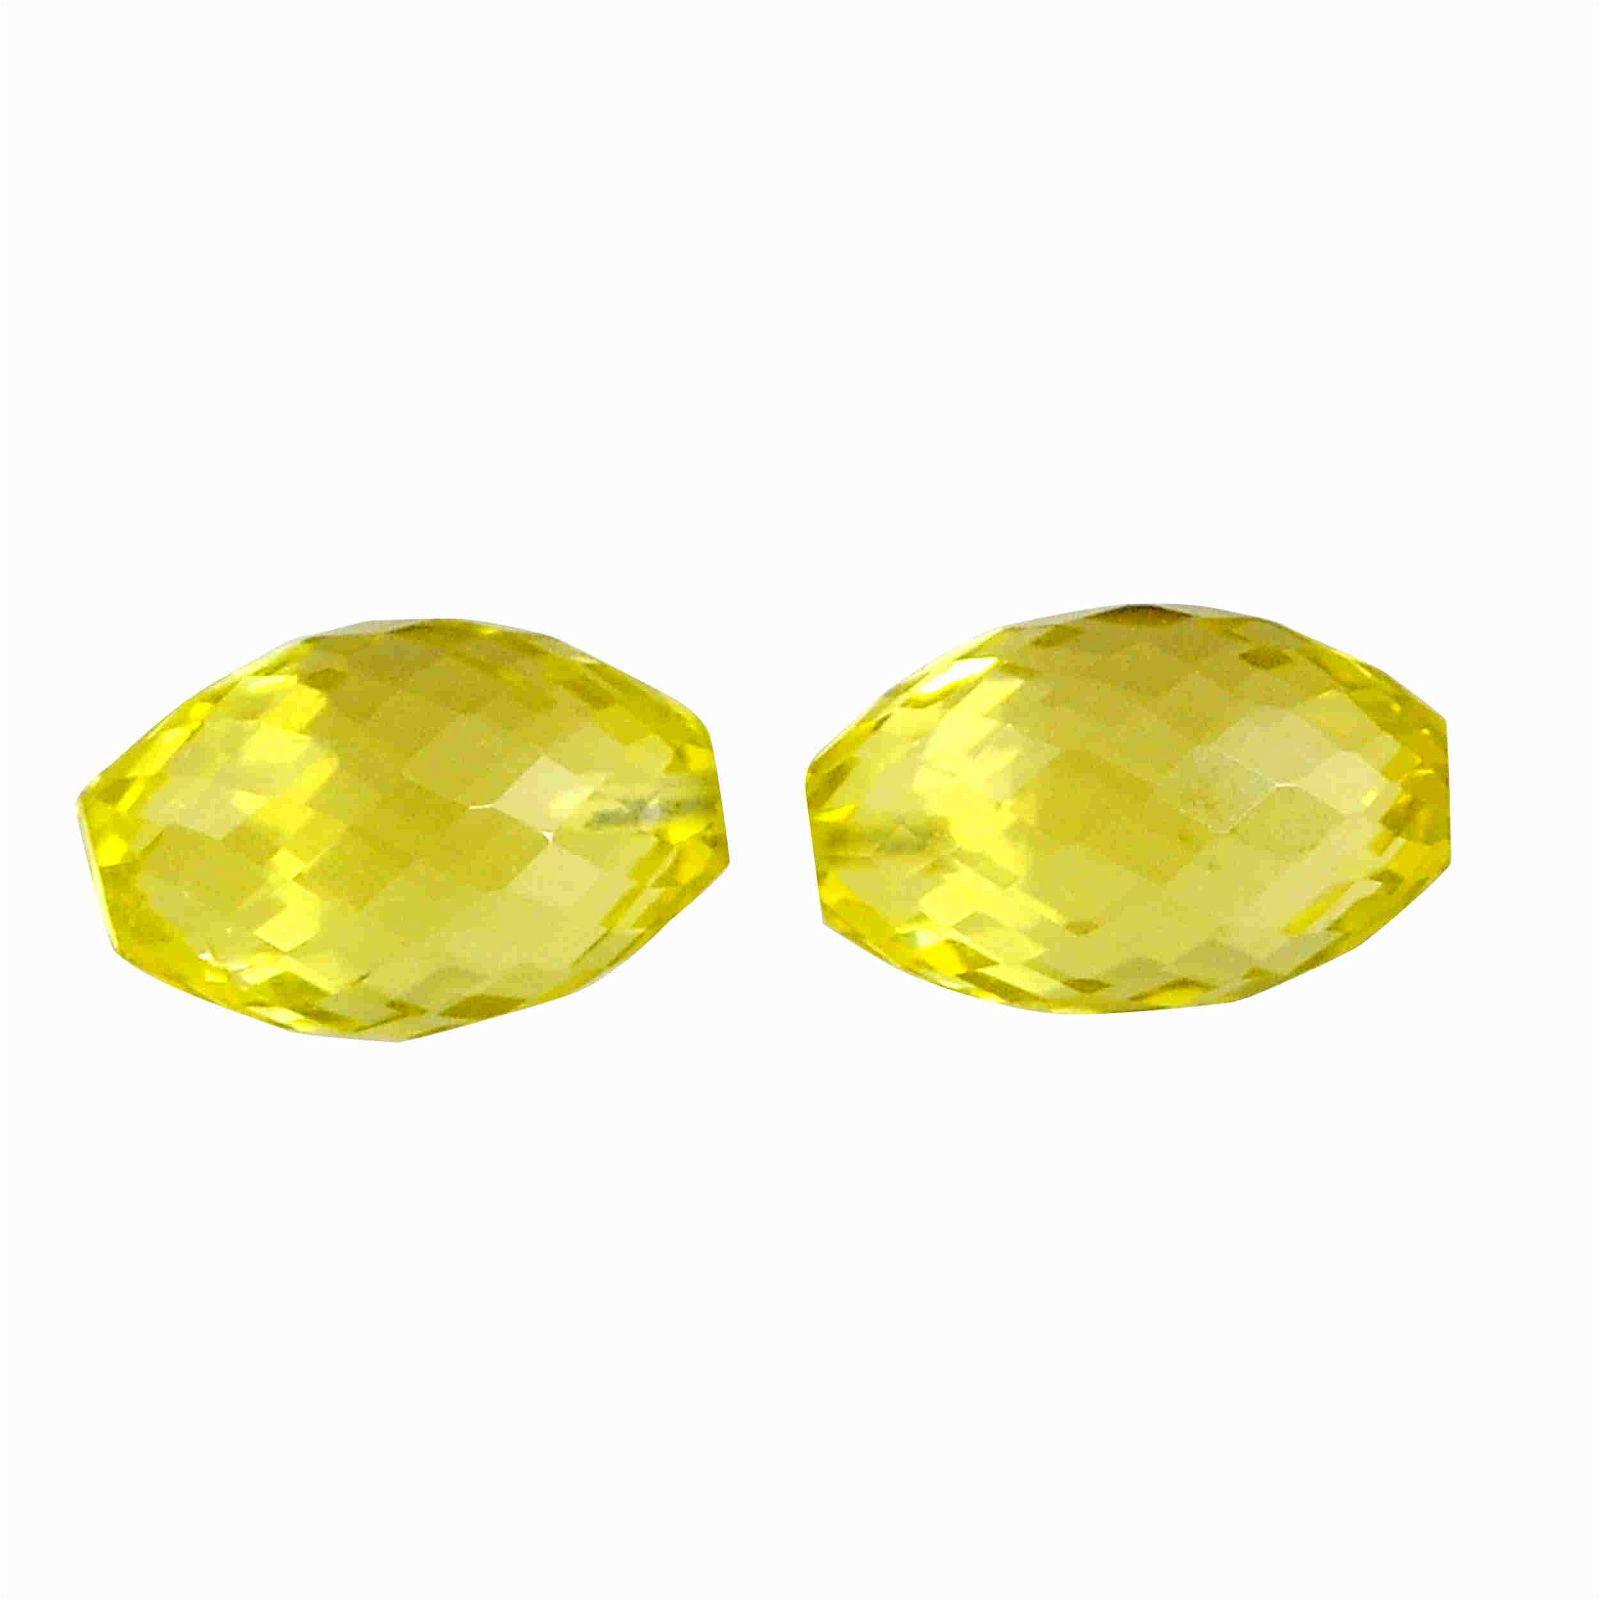 16.35 Carat Yellow Color Natural Drops Lemon Quartz